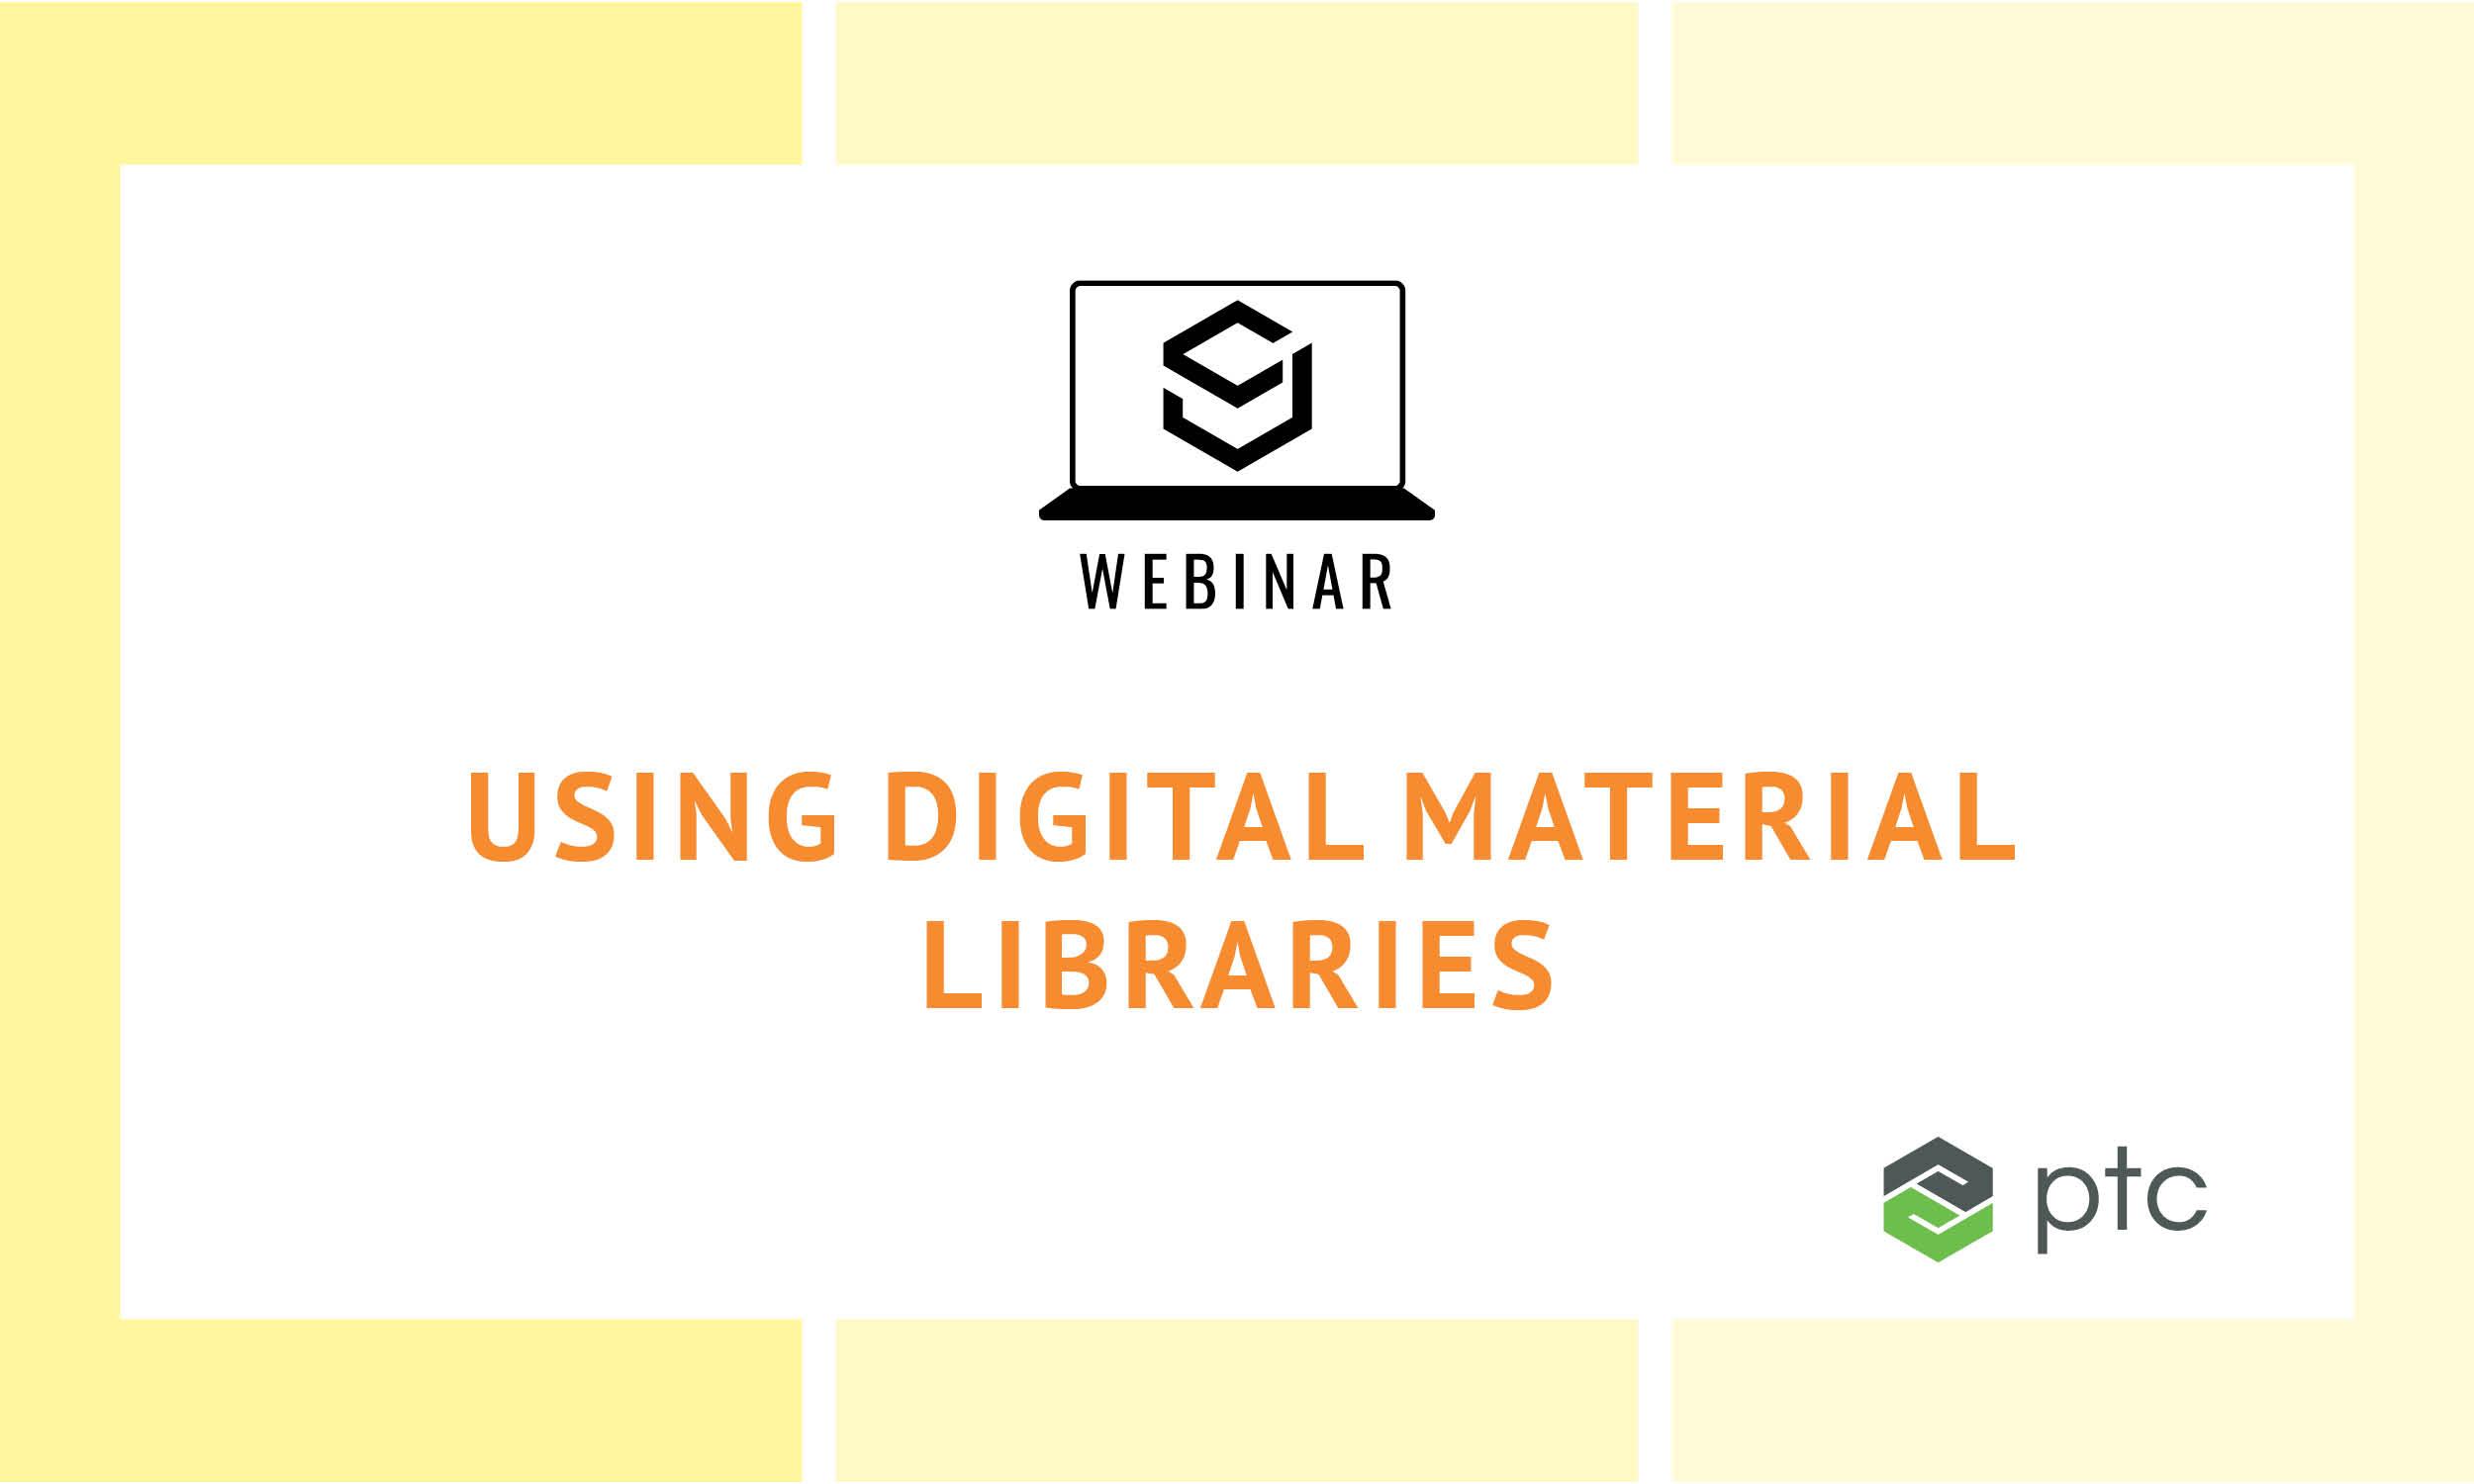 SJ Webinar: Using Digital Material Libraries